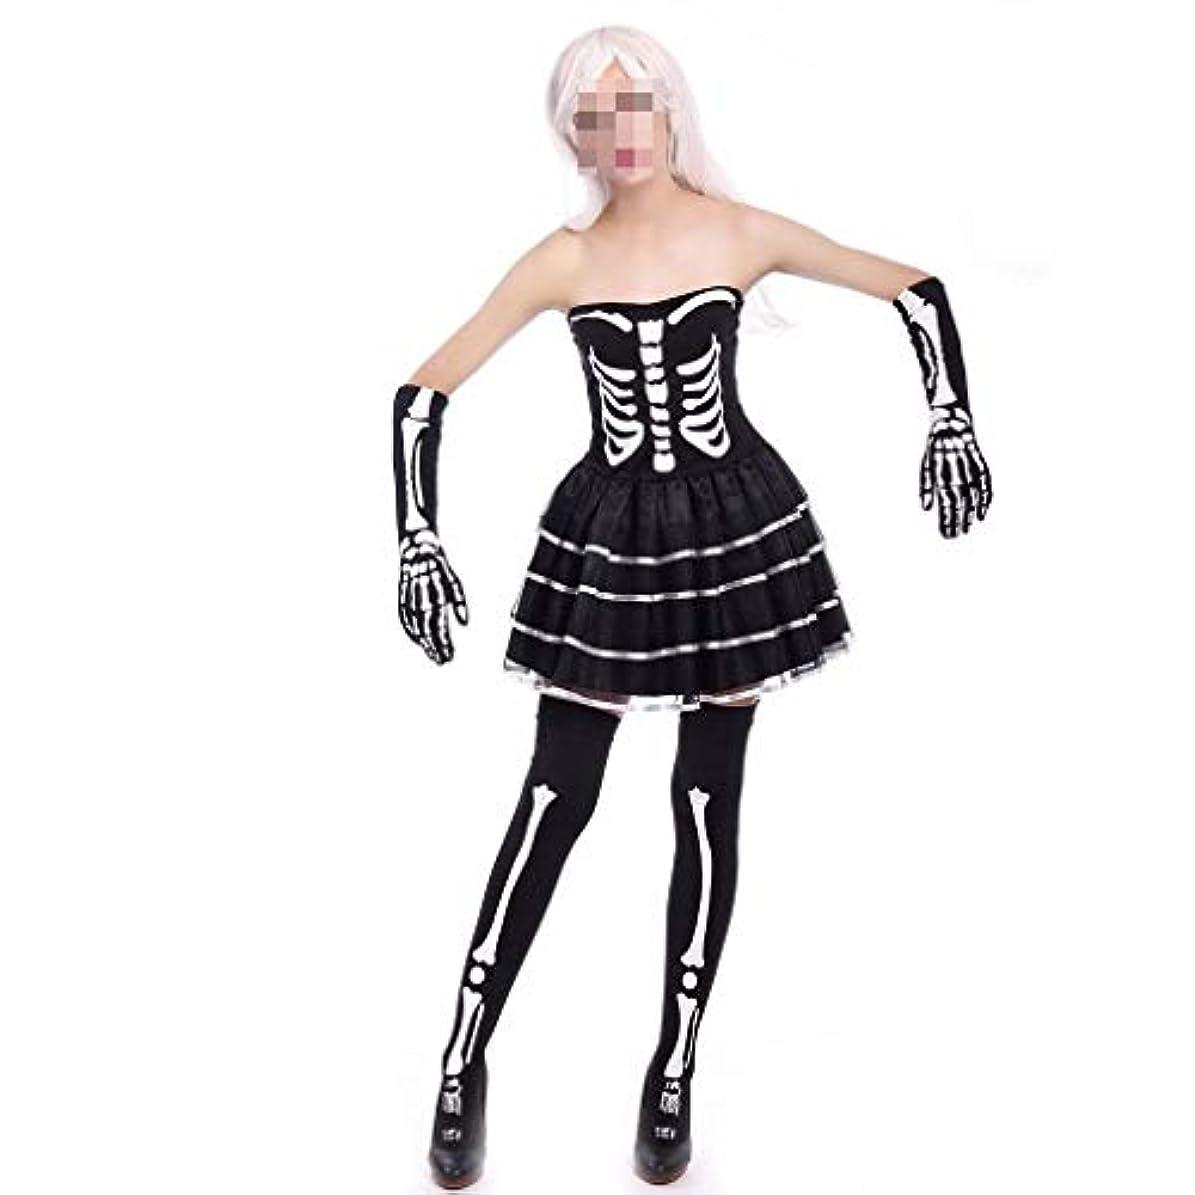 漏斗魅惑的なエスニック大人の女性ハロウィンコスチュームコスプレ吸血鬼花嫁スカート魔女ストラップレスノースリーブスカートアパレルボーンプリント服付きスリーブ (Color : Black, Size : XL)